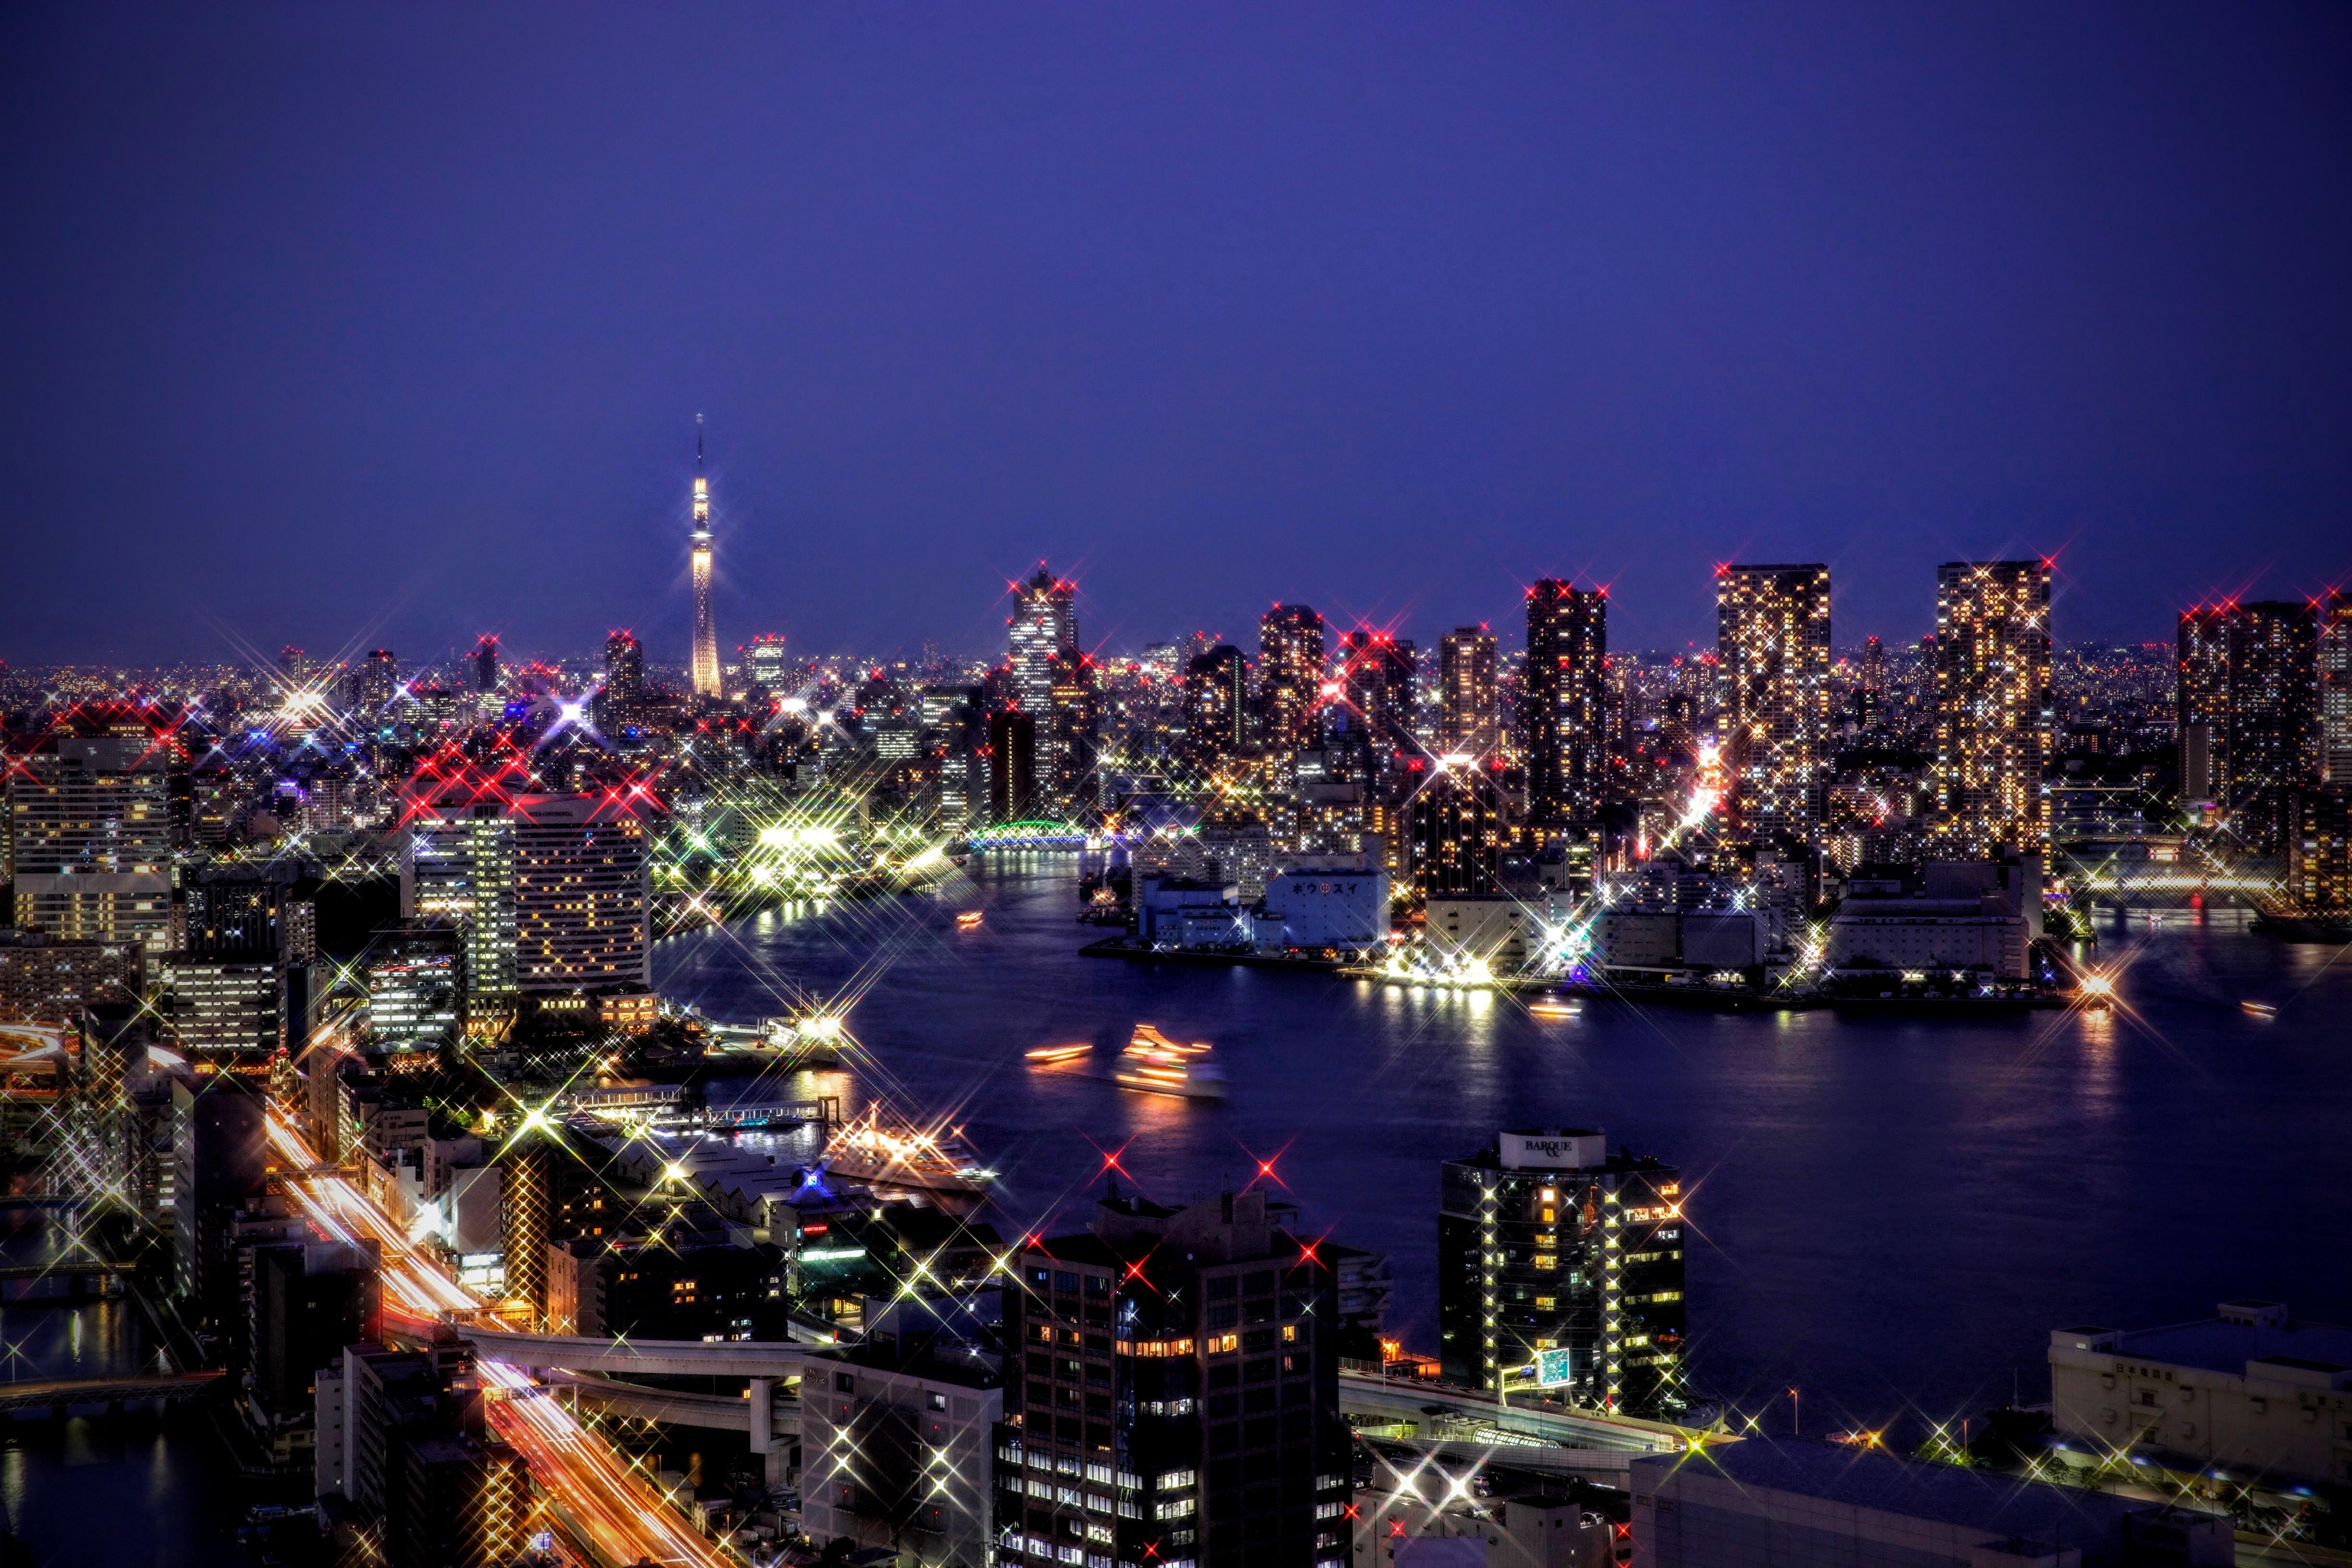 東京スカイツリー・レインボーブリッジの夜景をキラキラ系に撮影してみました